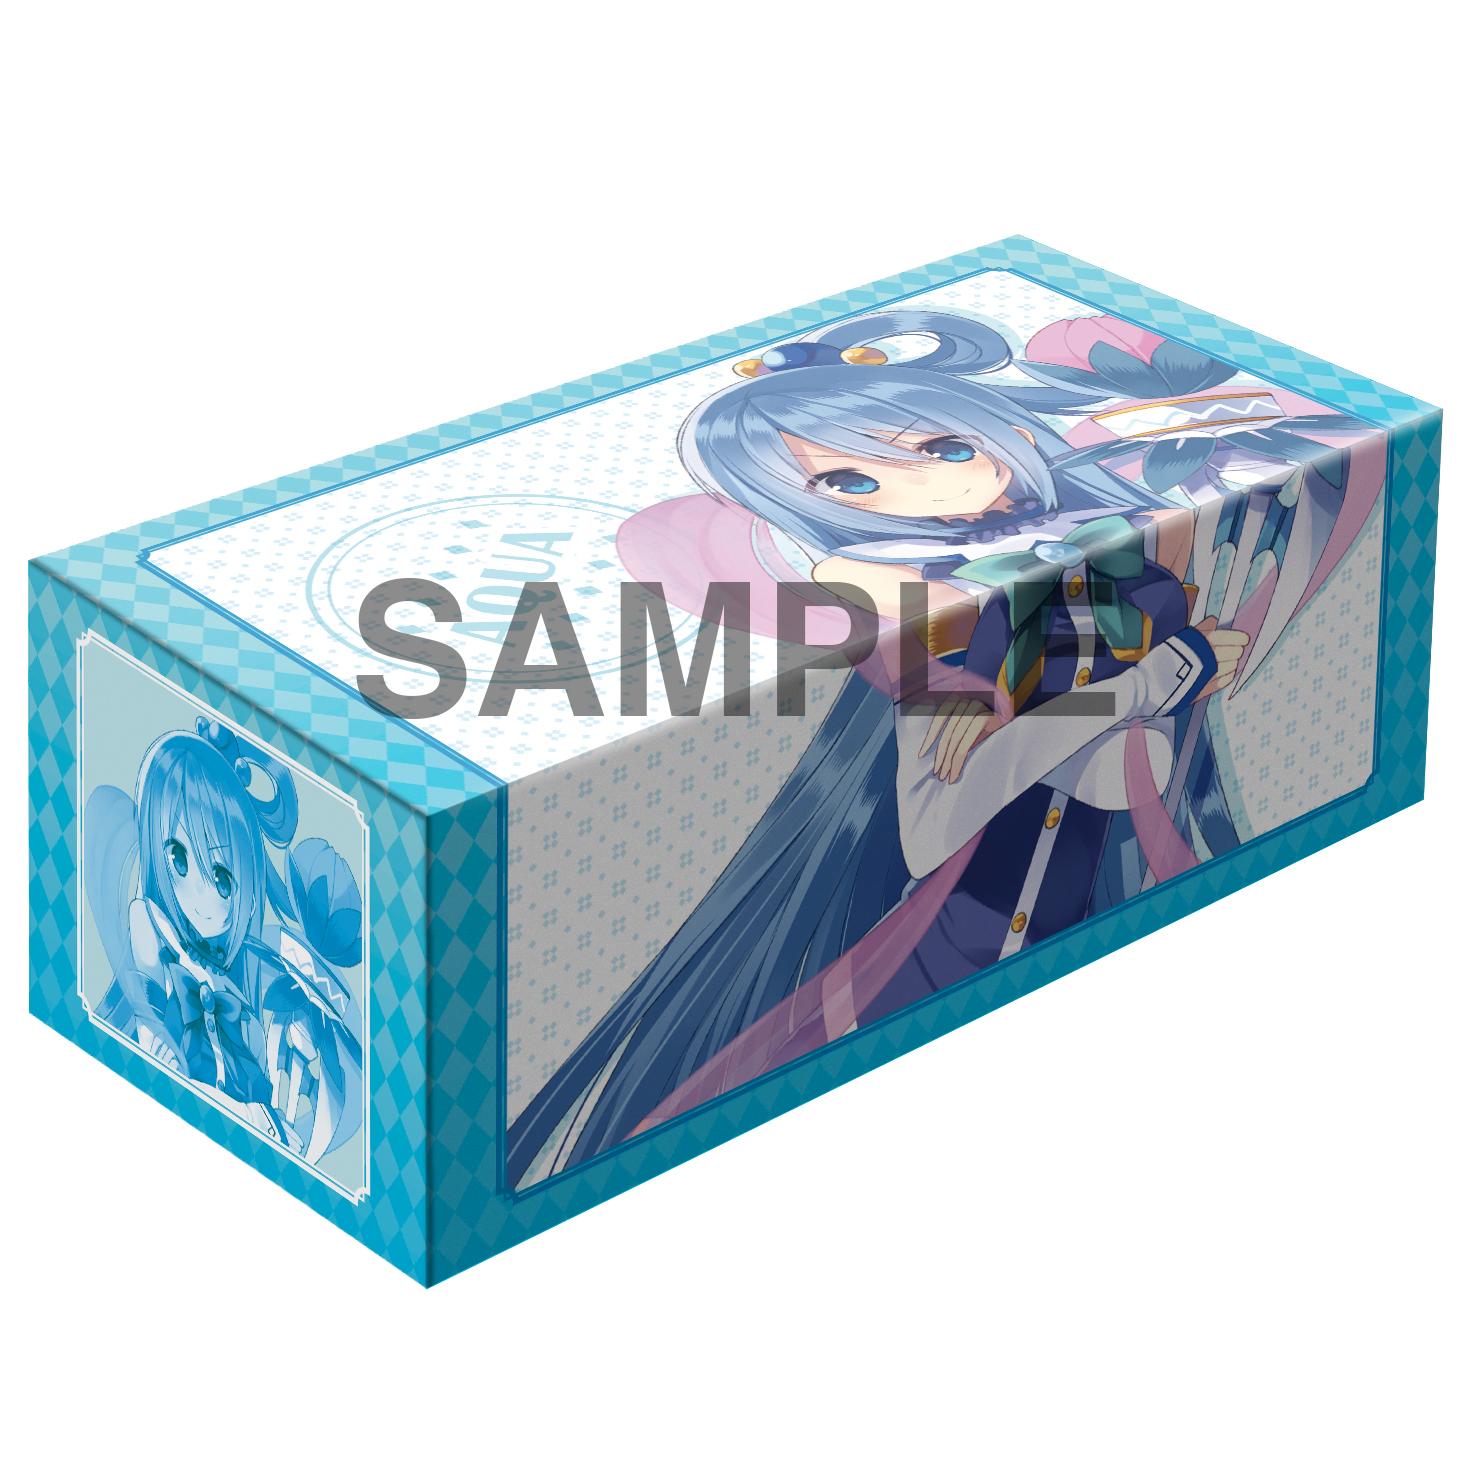 カードボックスコレクション「この素晴らしい世界に祝福を!2」 アクア 734円